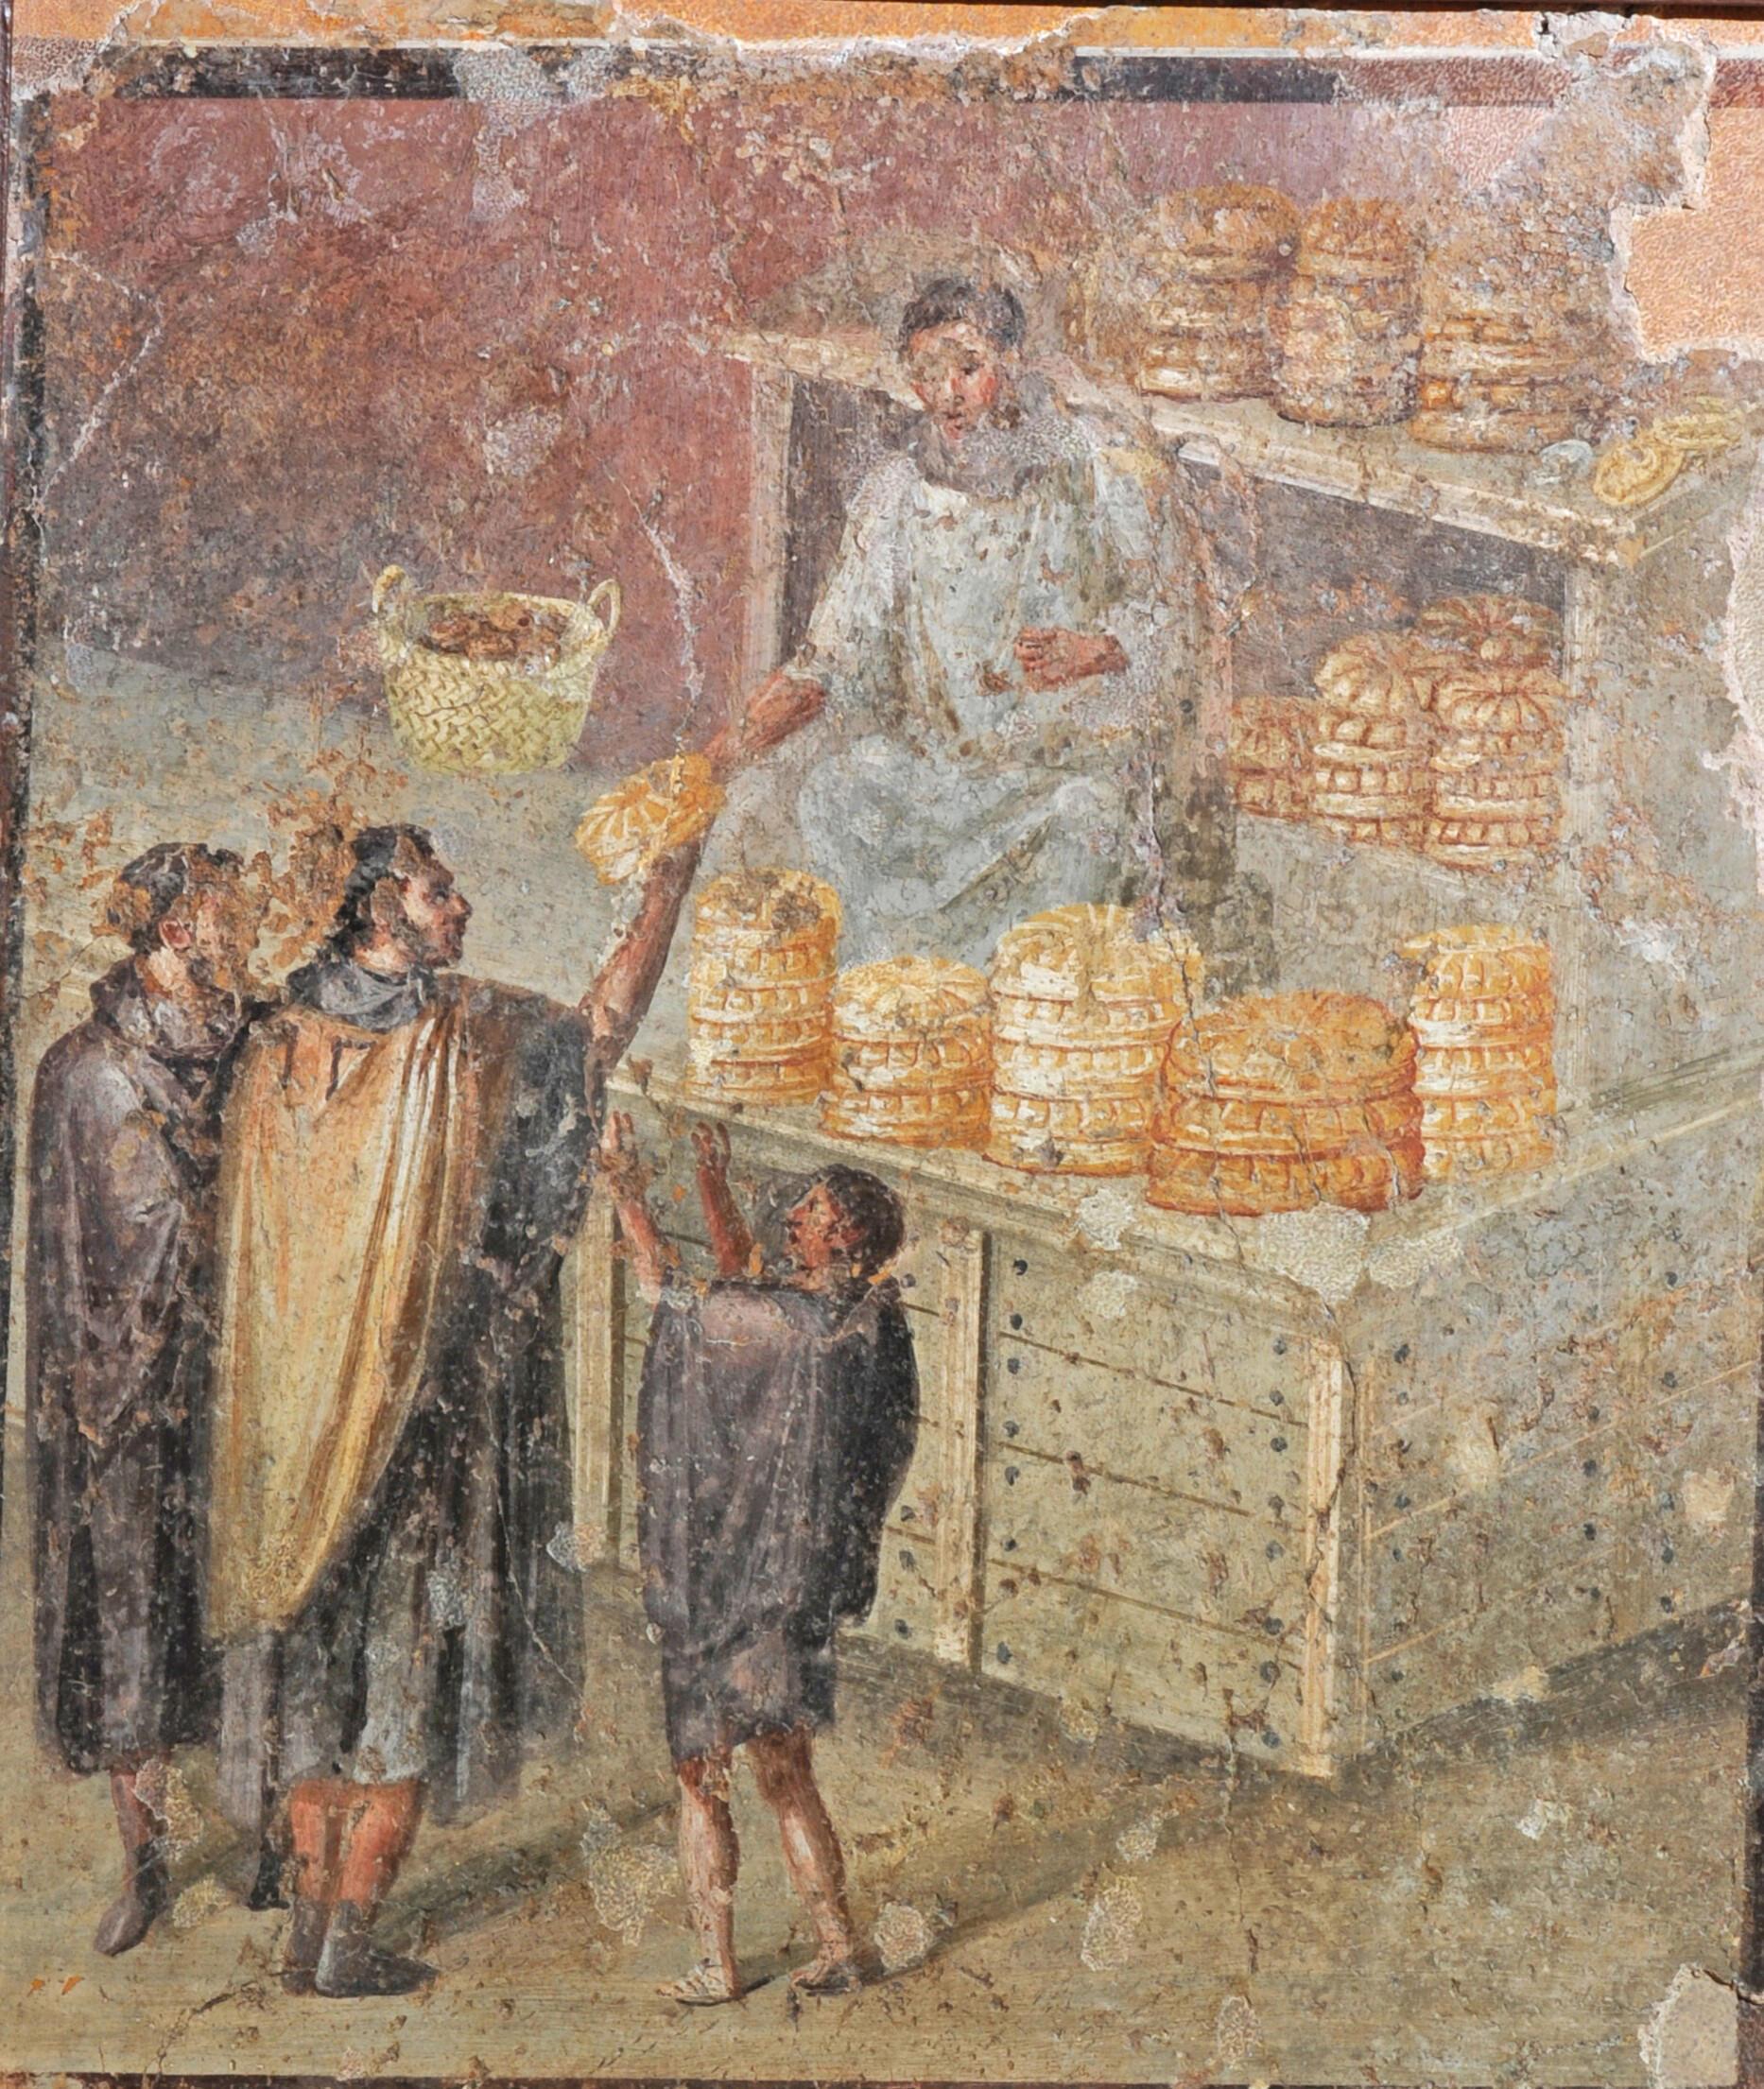 Помпейская фреска. Избиратели обменивают свои голоса на хлеб.